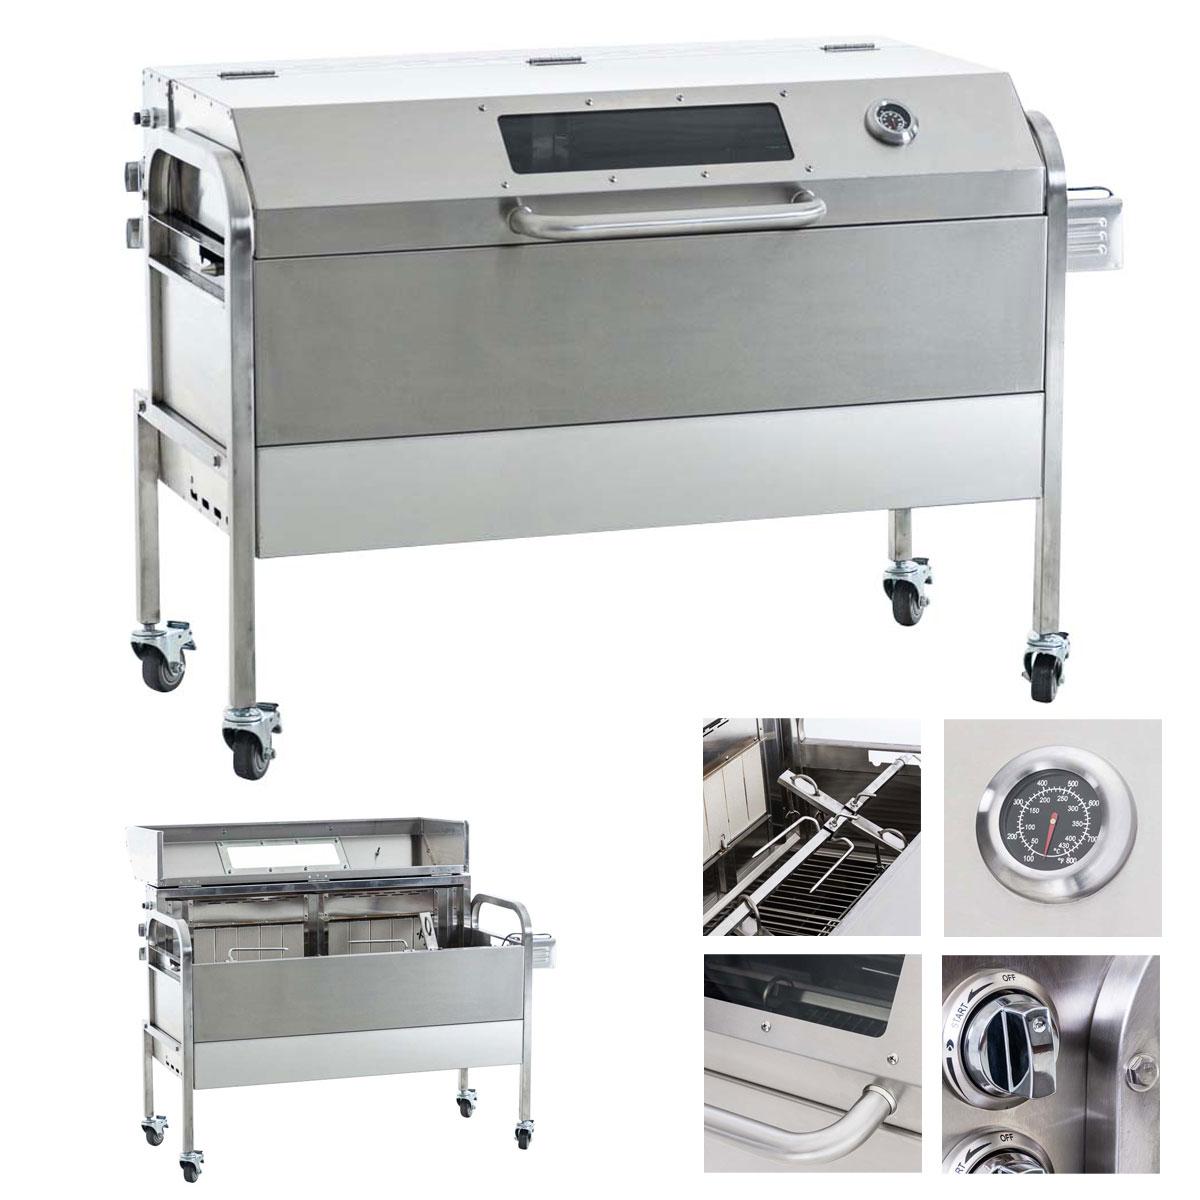 edelstahl spanferkelgrill matthew mit abdeckung bbq grillwagen barbecue grill ebay. Black Bedroom Furniture Sets. Home Design Ideas